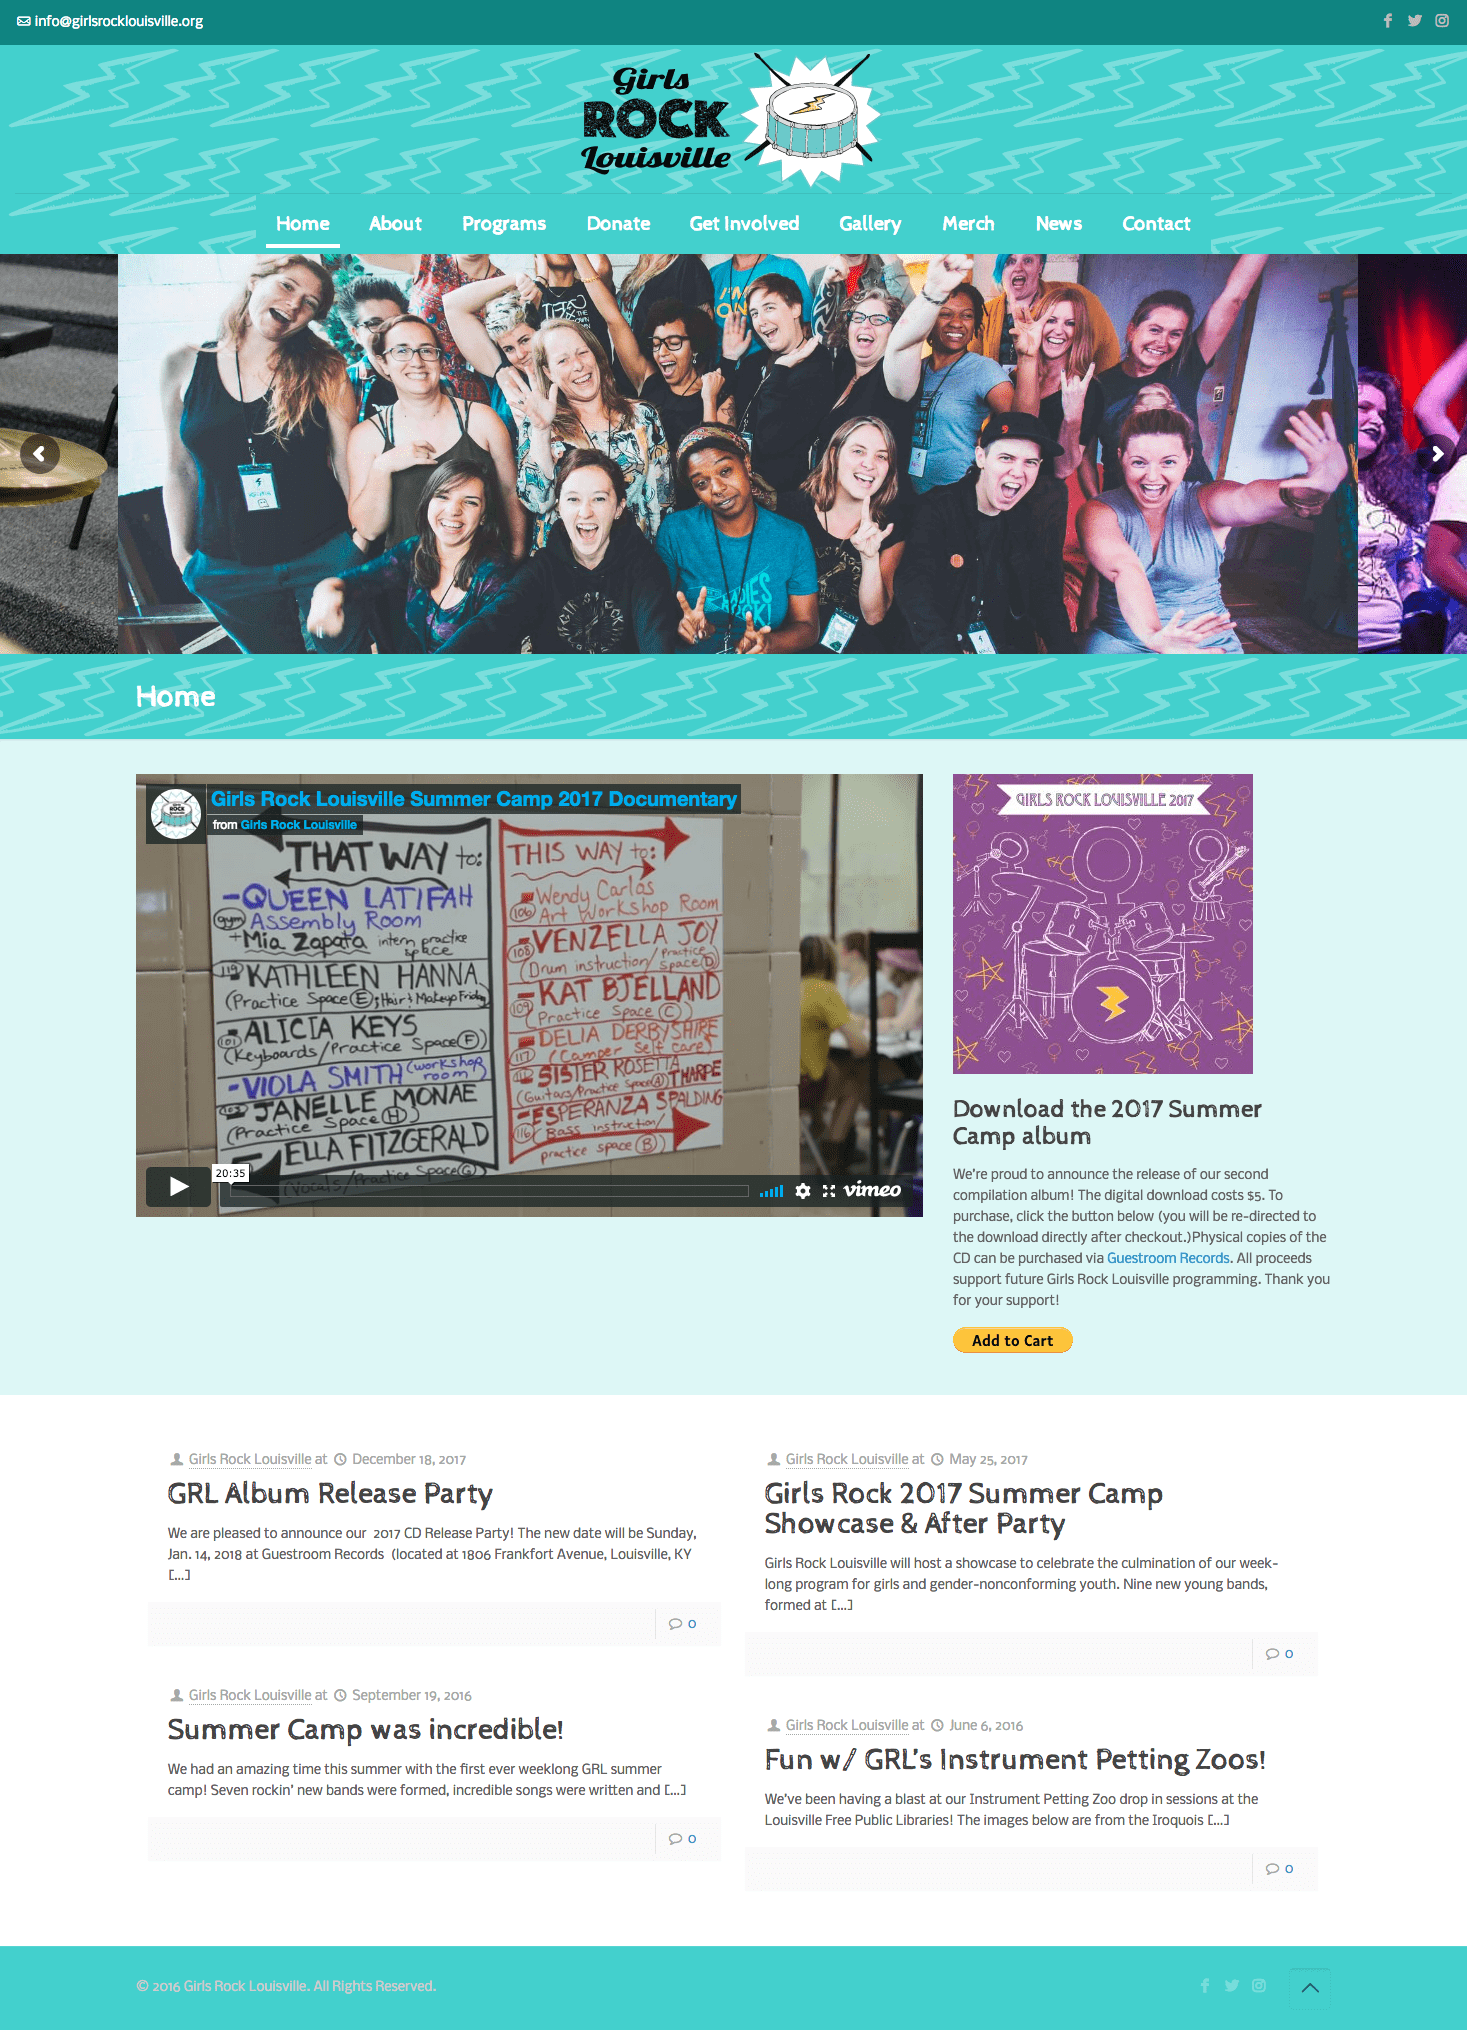 Girls Rock Louisville web site